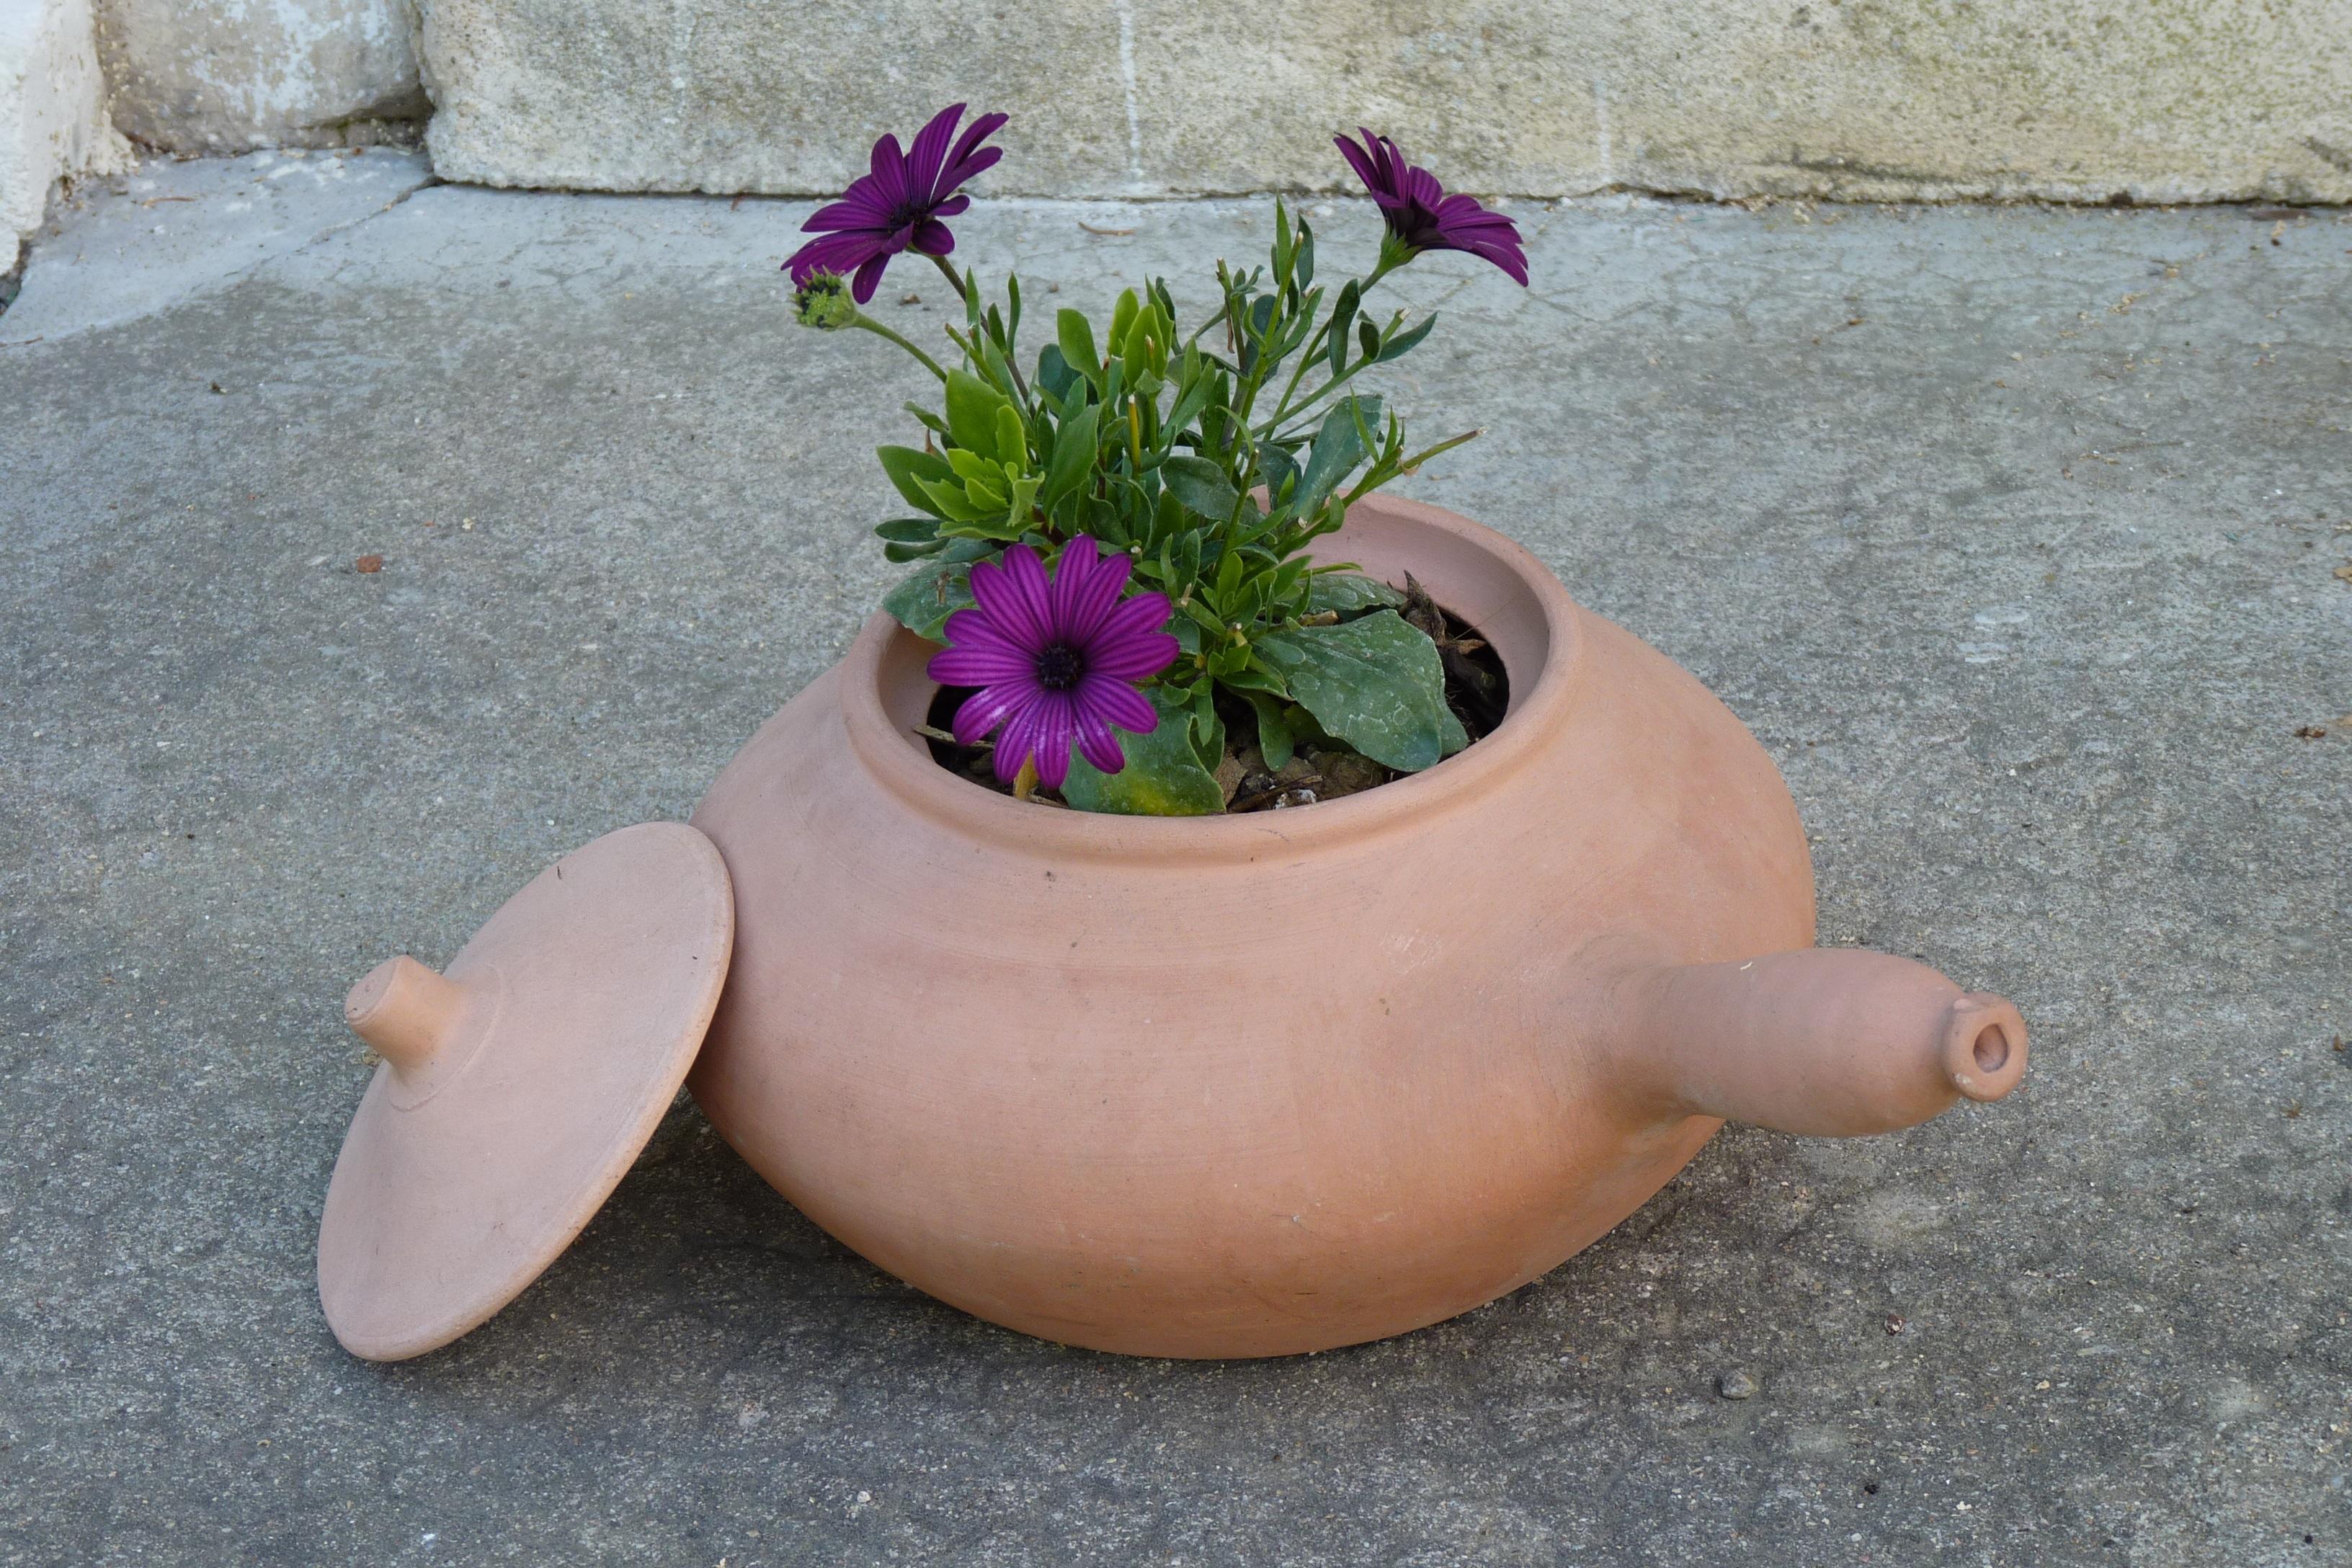 Free Images Plant Leaf Flower Ceramic Garden Flora